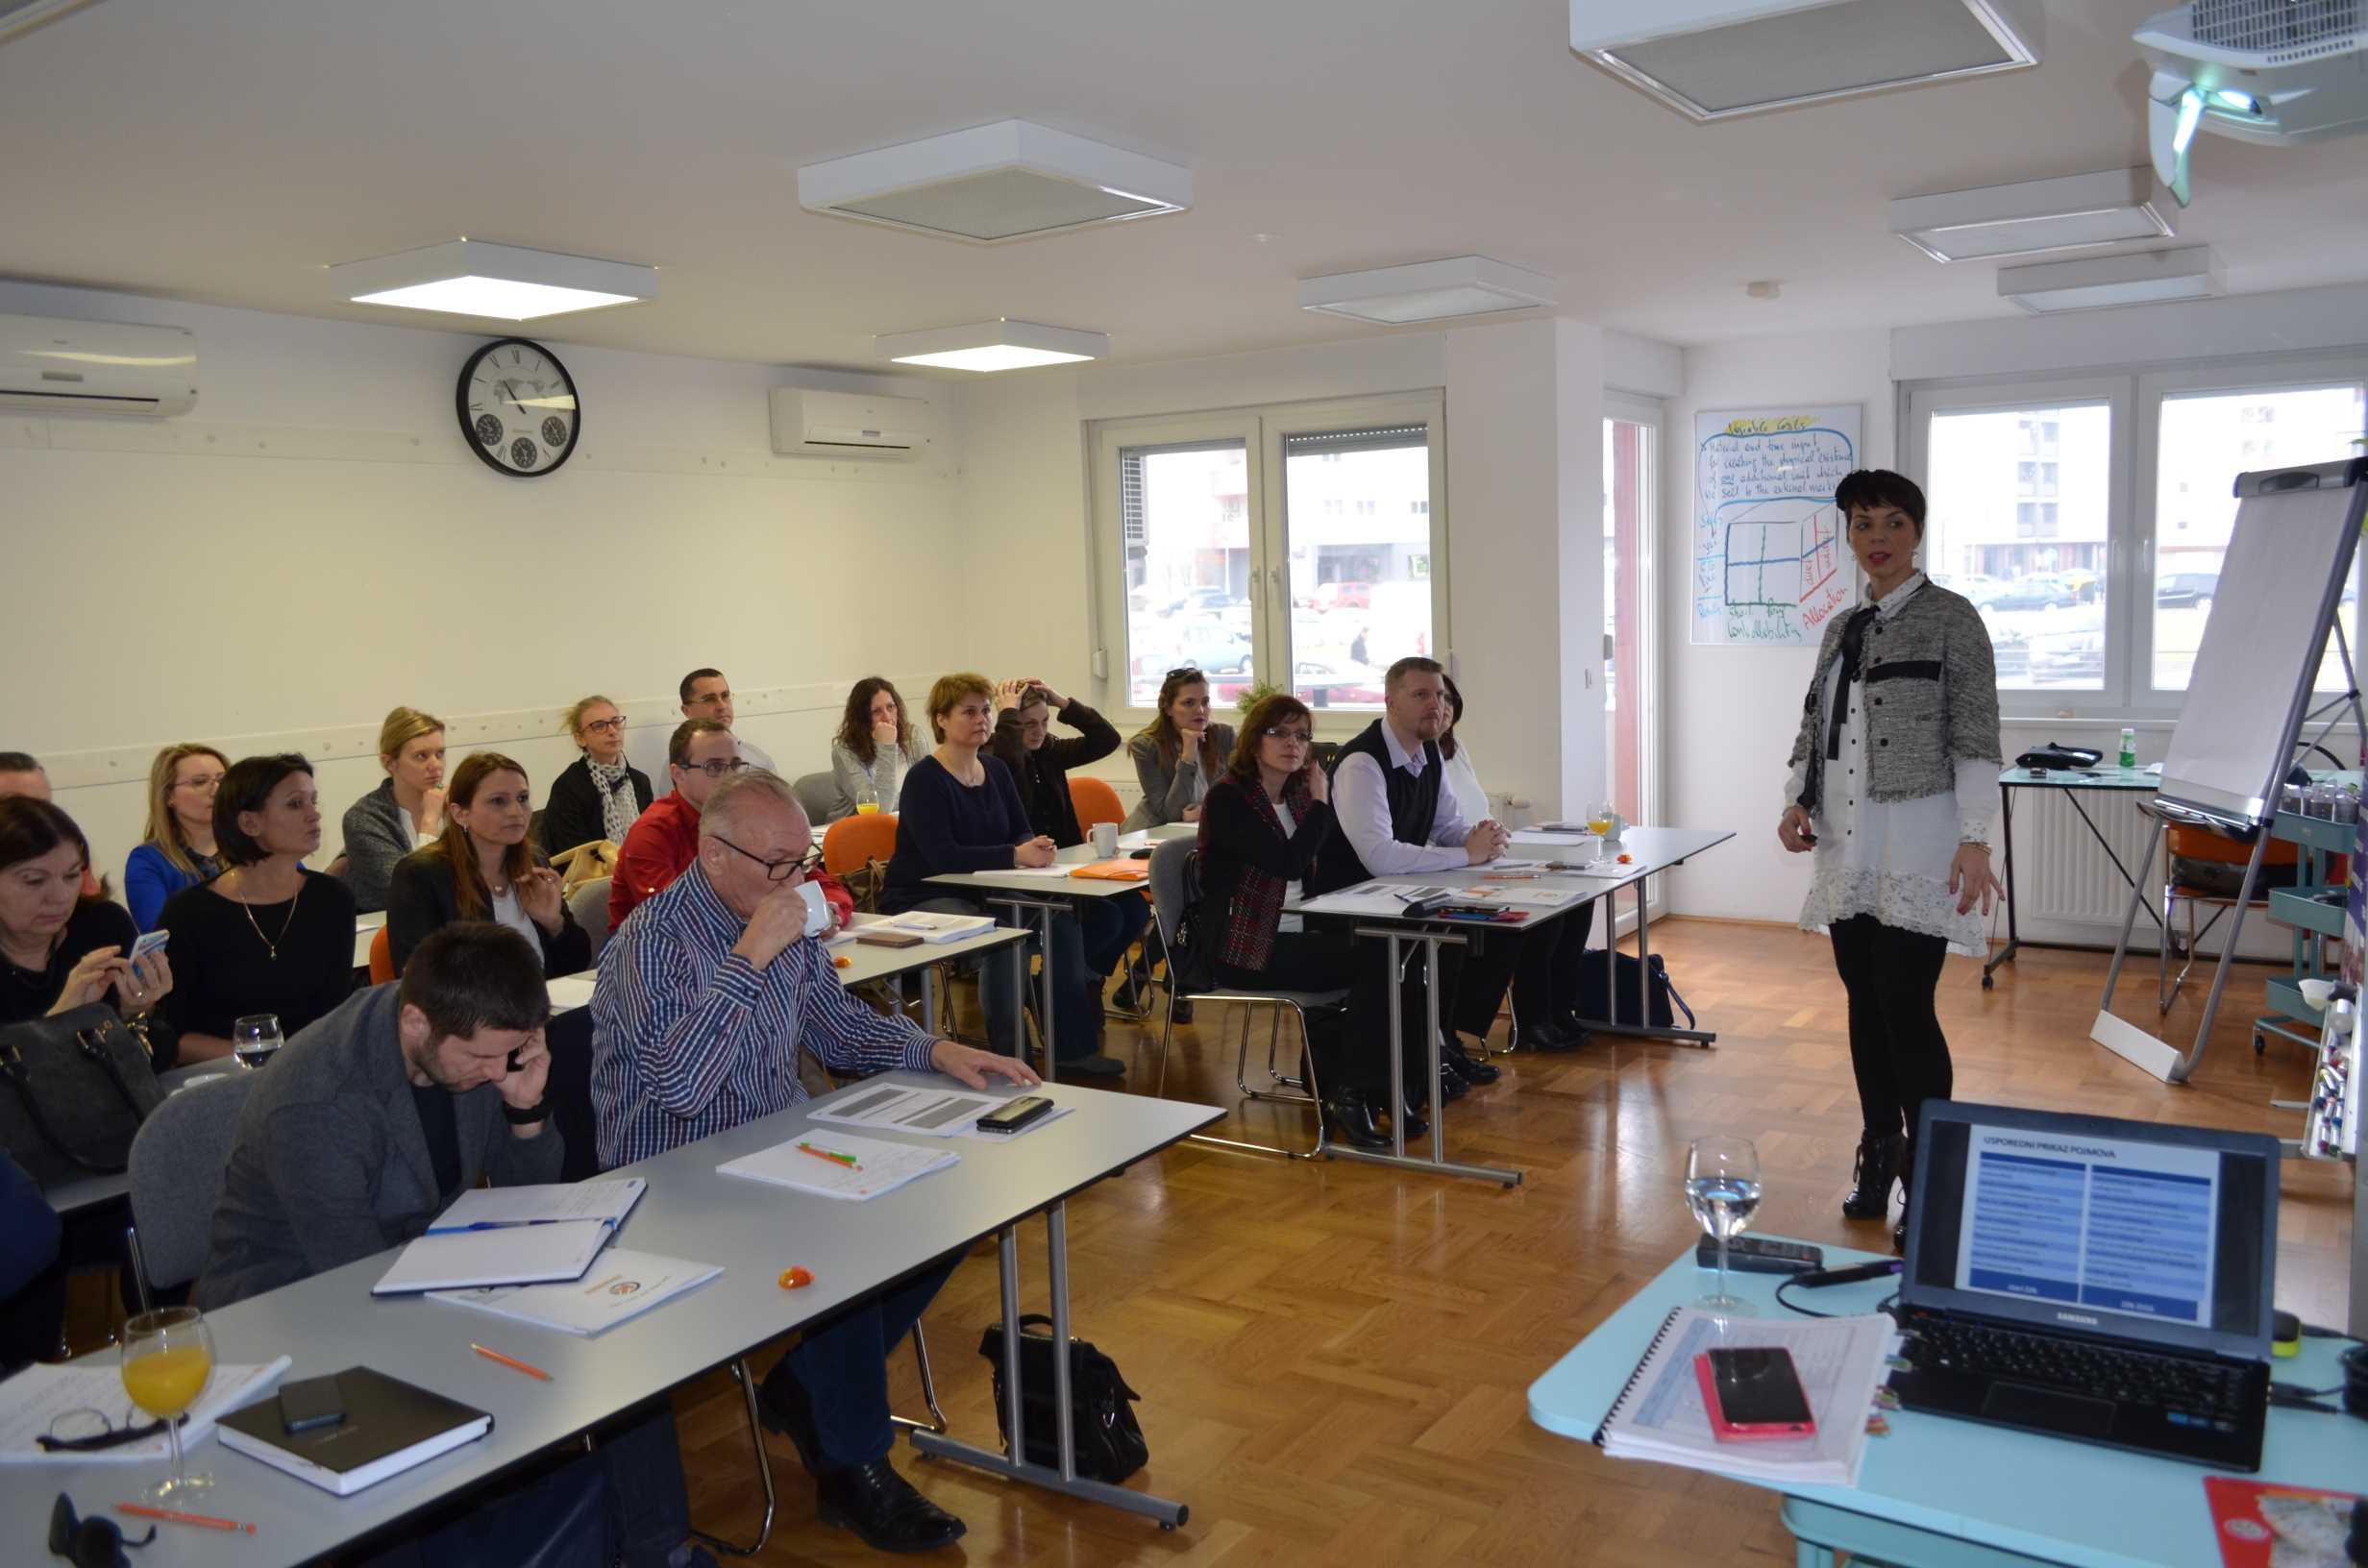 Lureti-Javna-nabava-ponuditelji-Zagreb Radionica, Seminar za Ponuditelje u javnoj nabavi